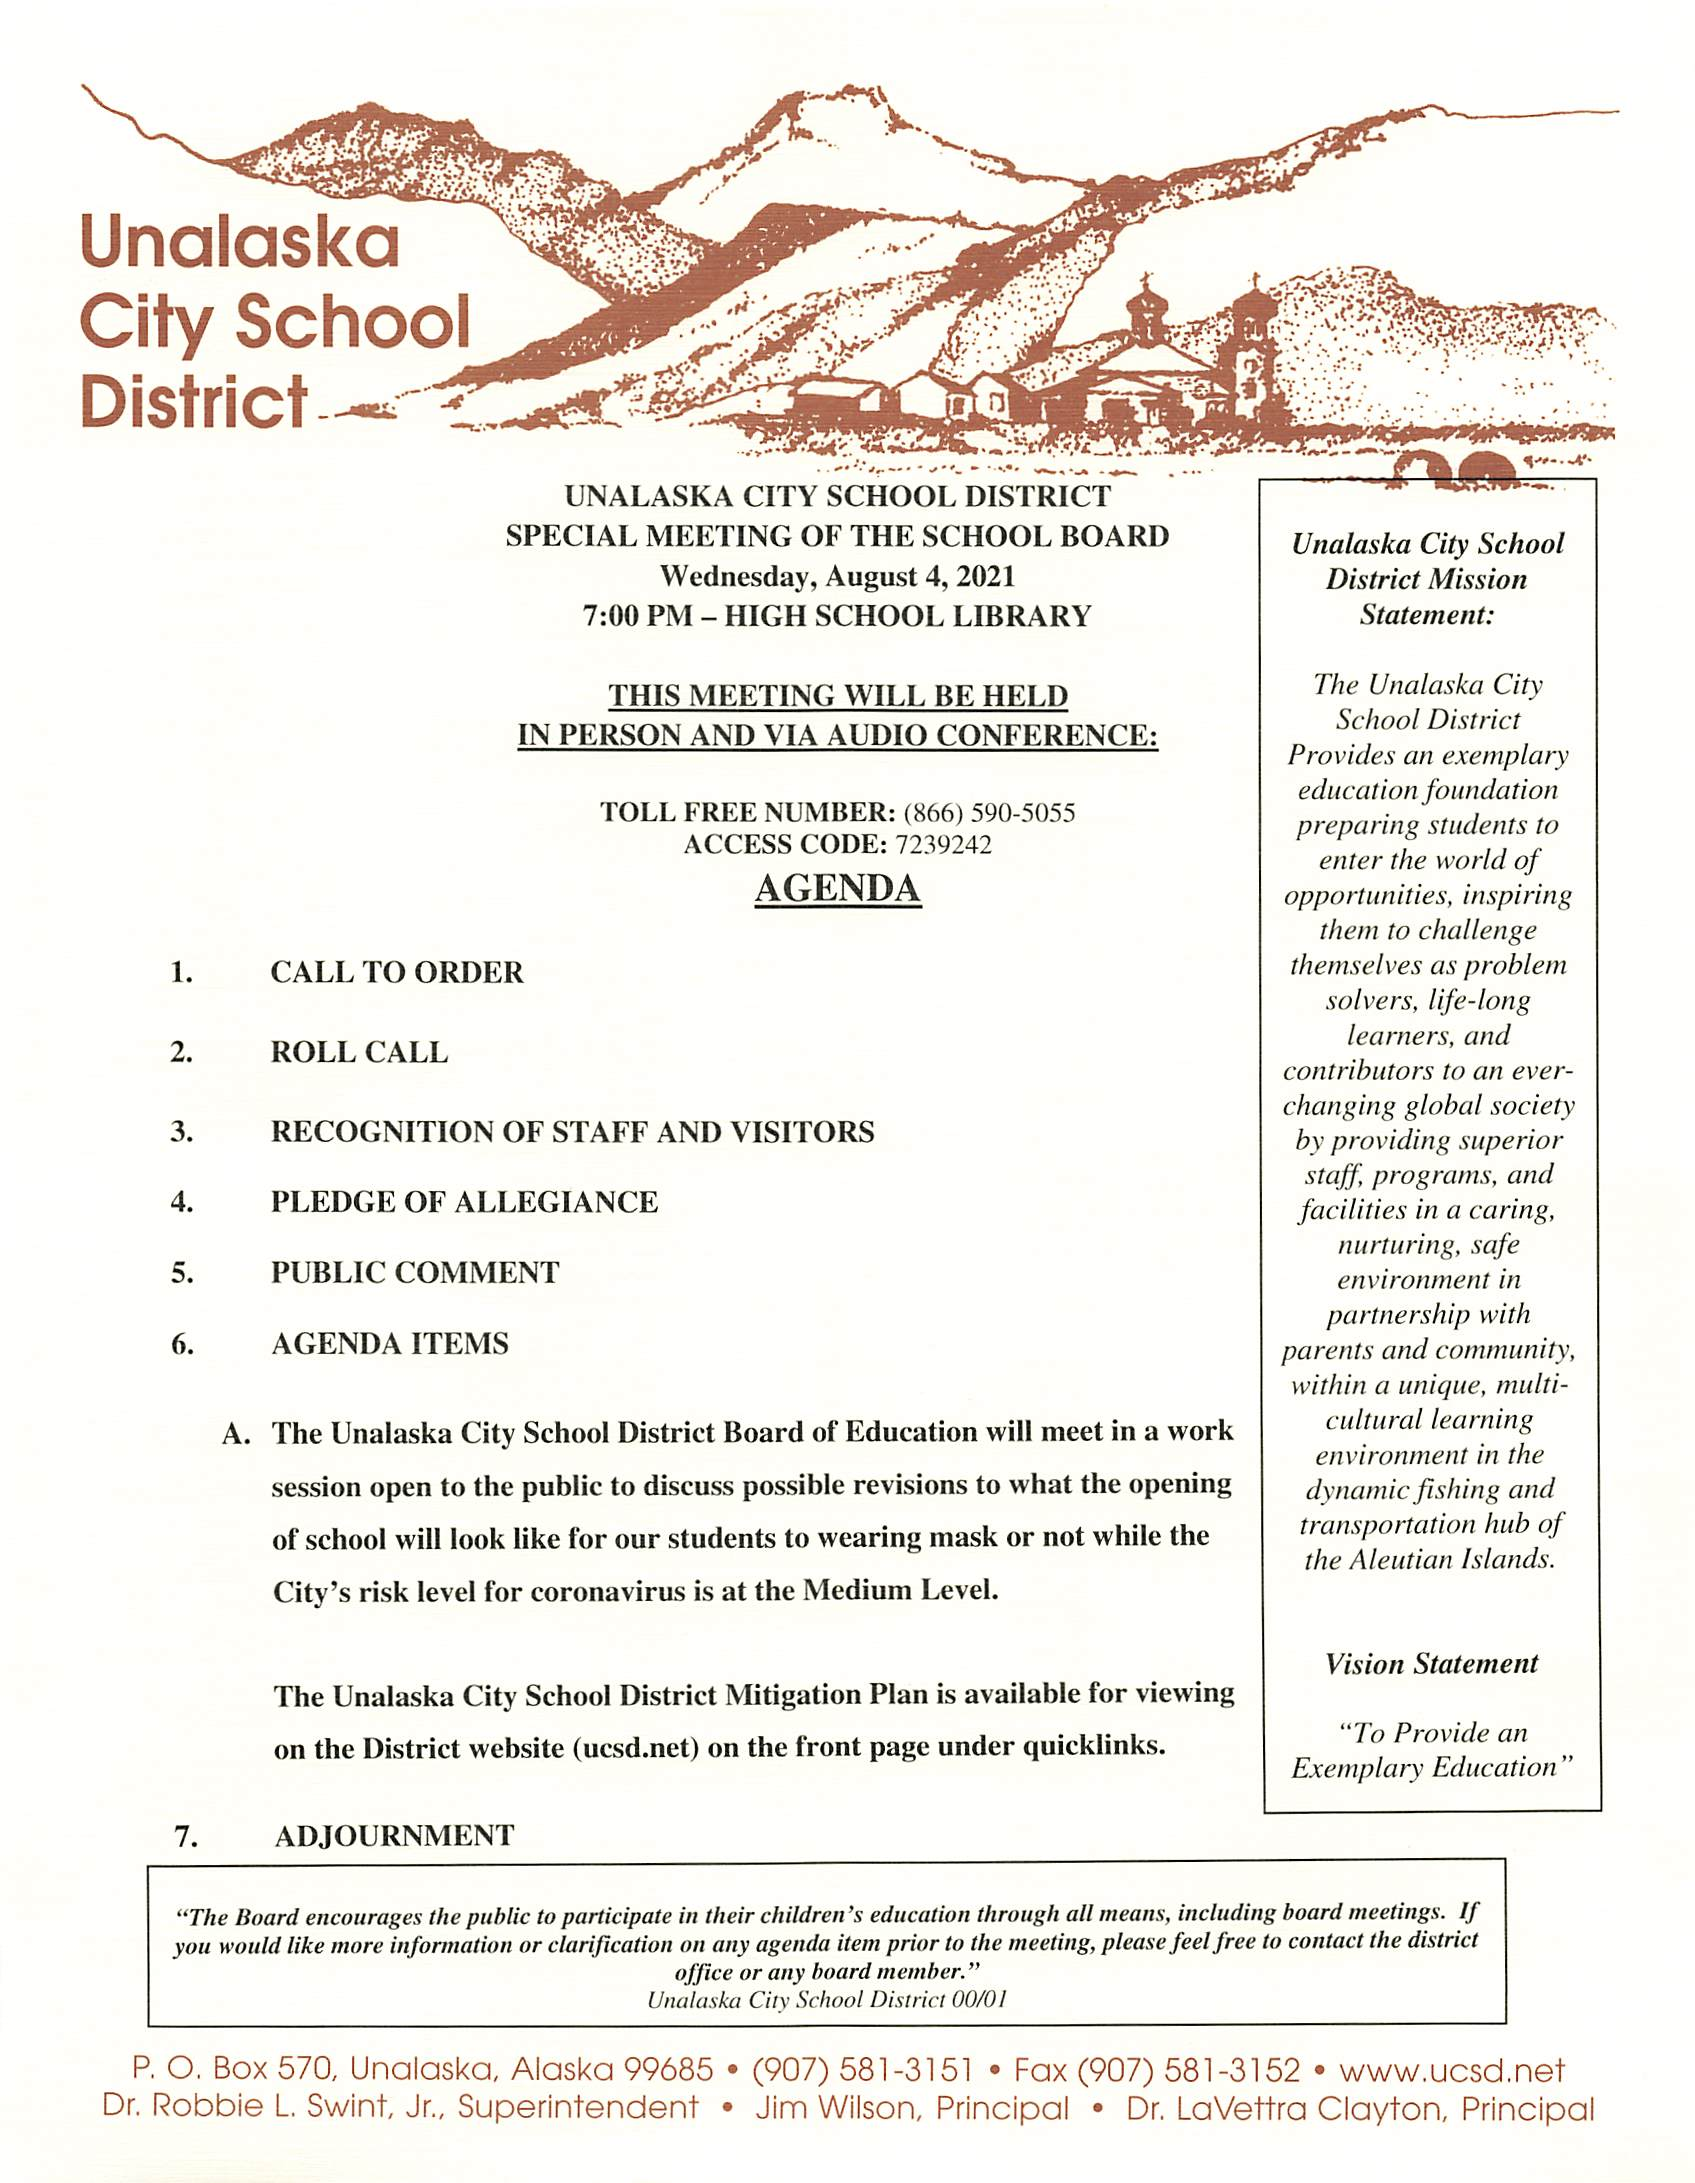 08/04/2021 Special School Board Meeting Agenda